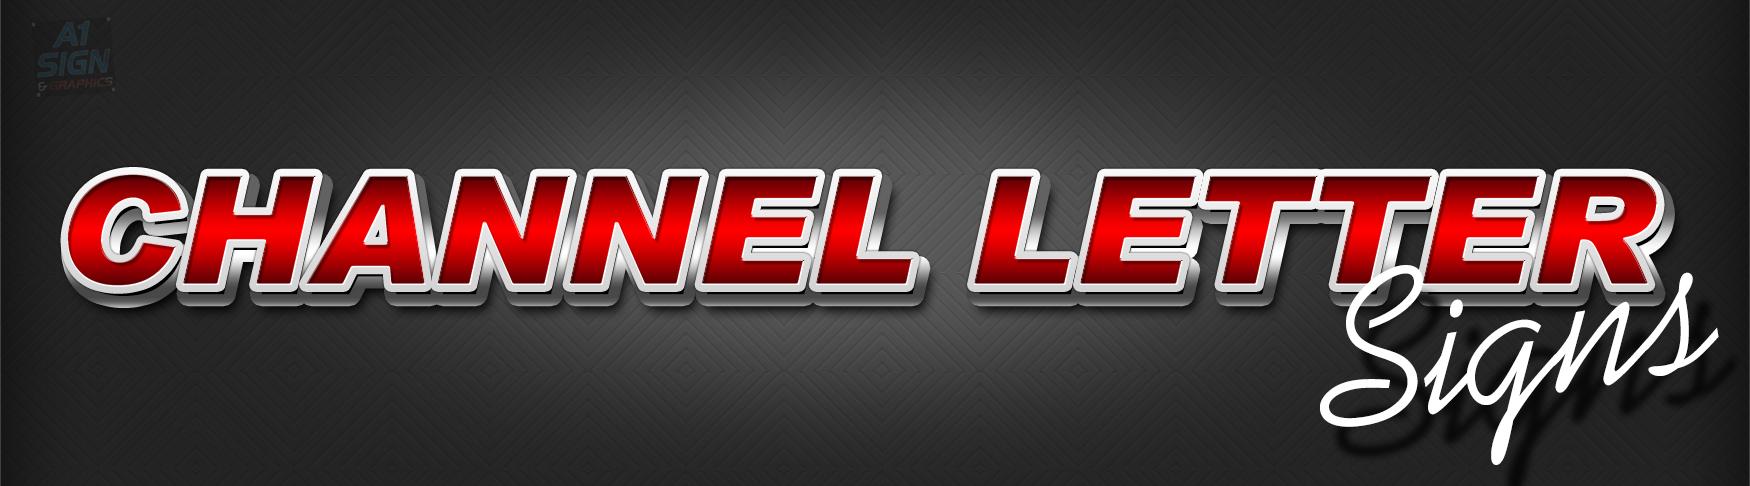 channel-letter-header.jpg